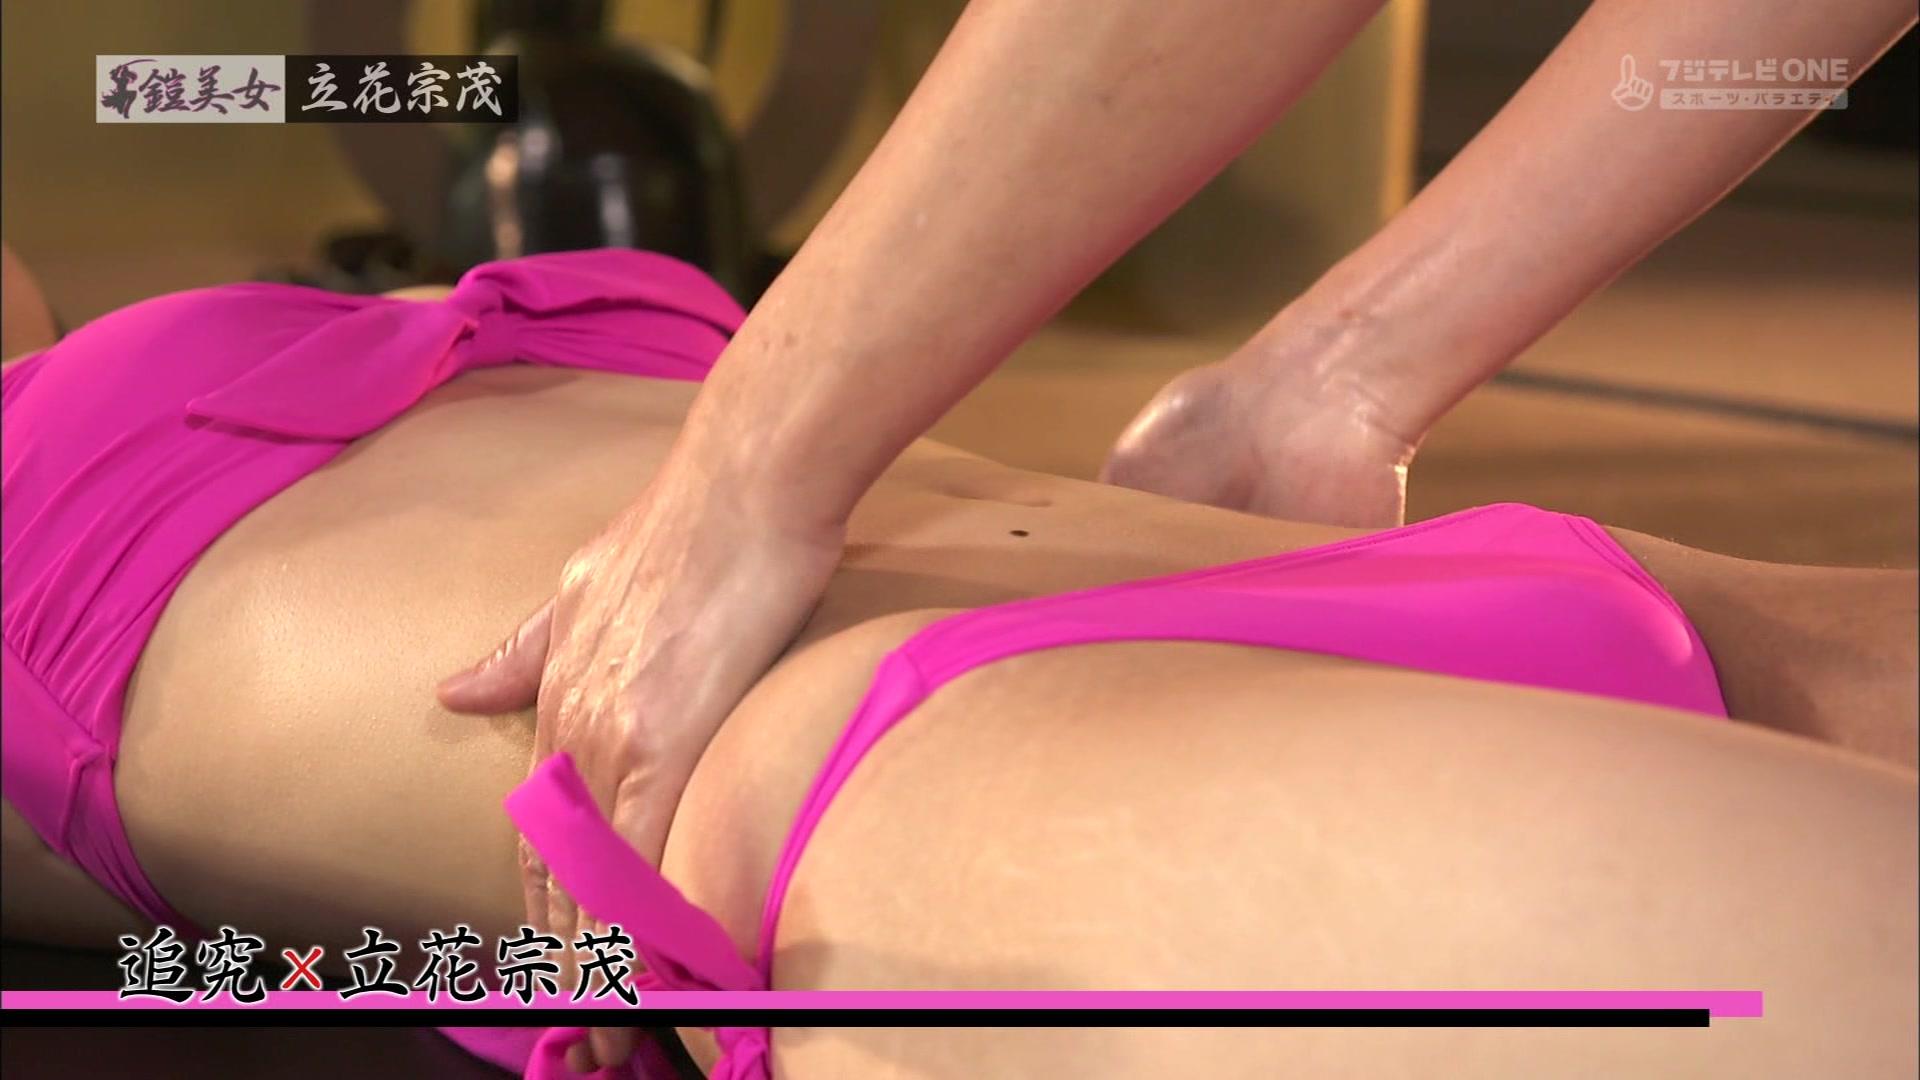 鎧美女47・美音咲月さんのテレビキャプチャー画像-122